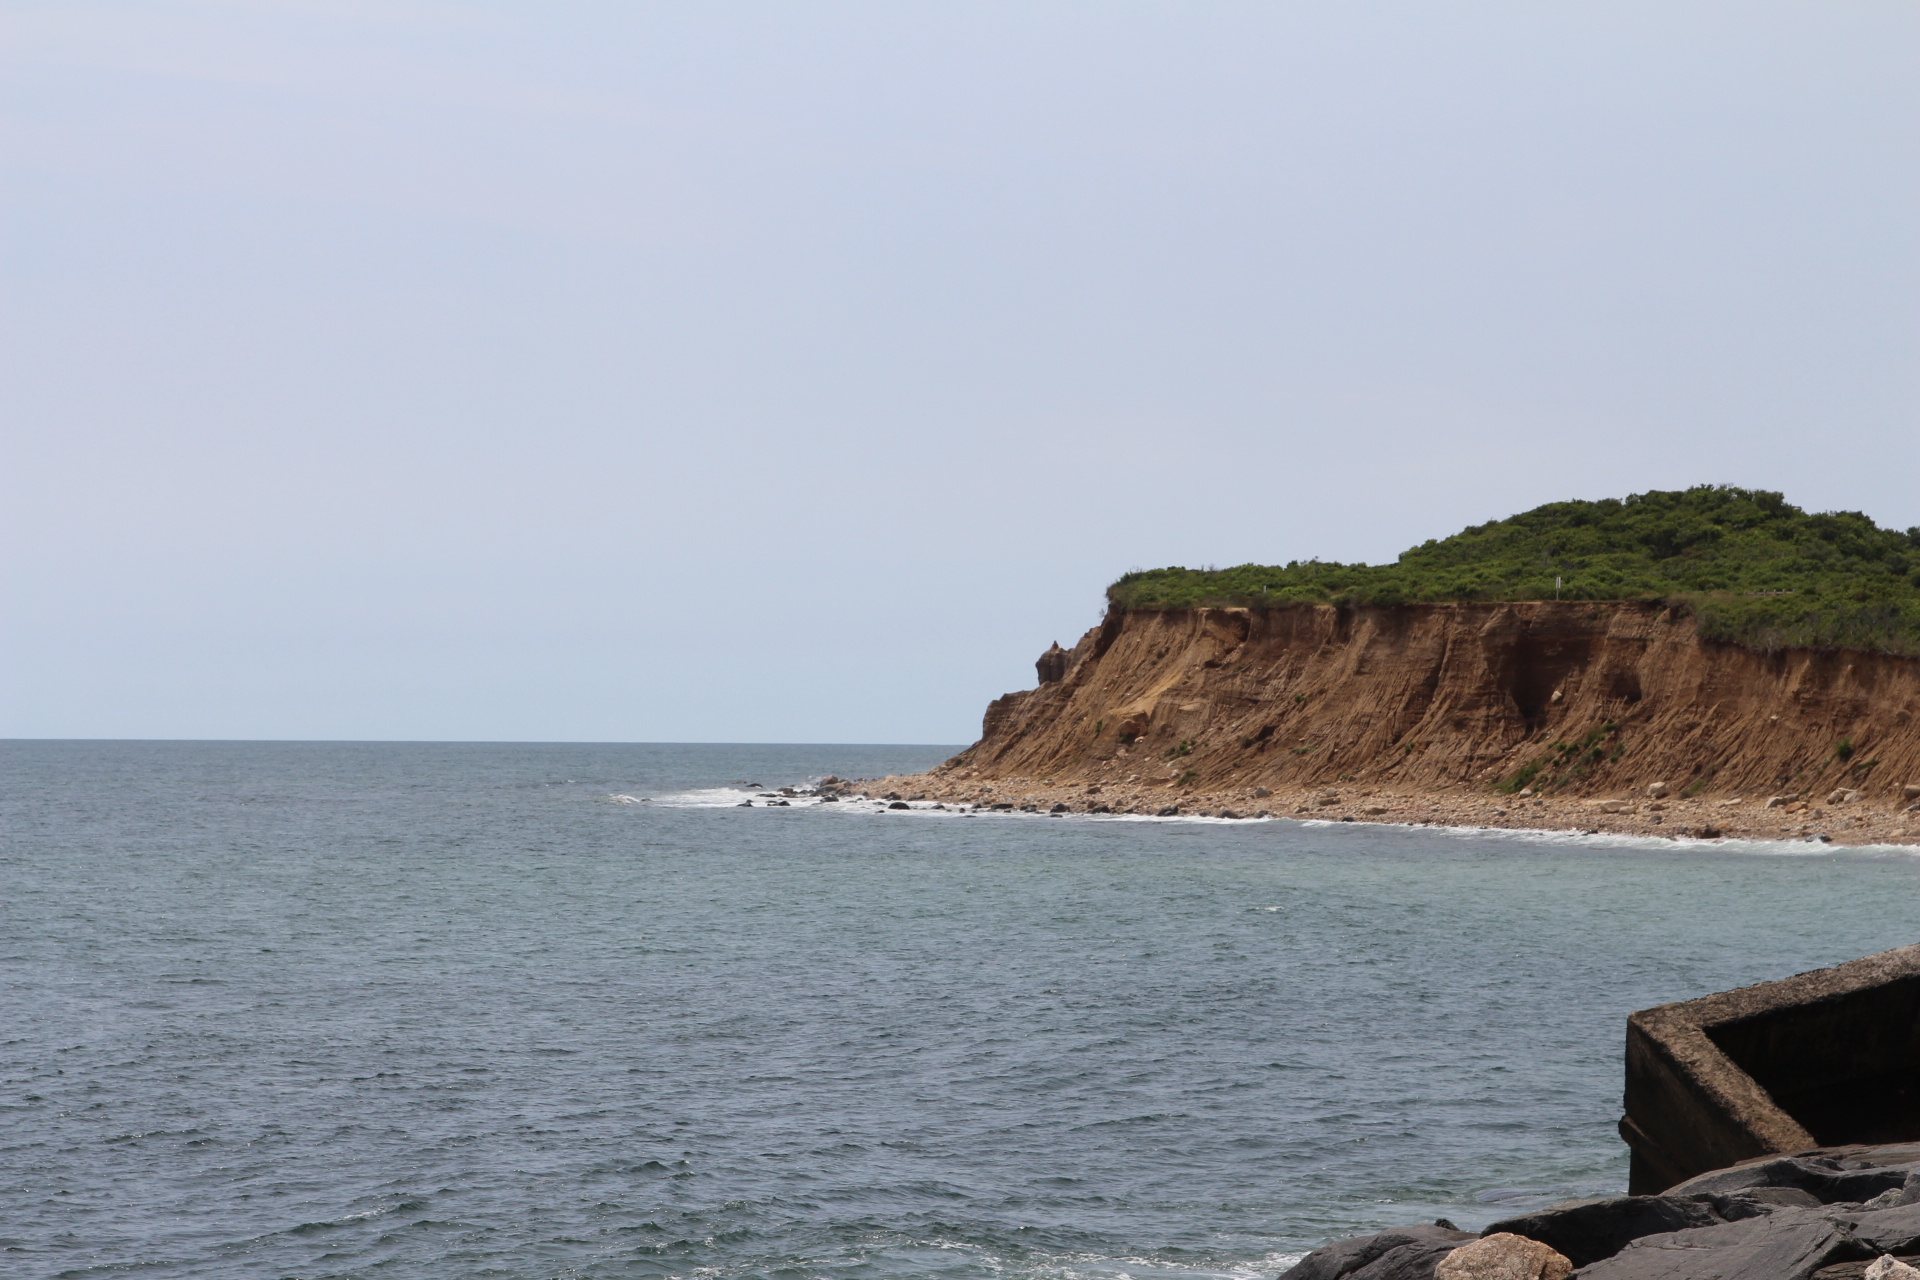 Island outcrop_5